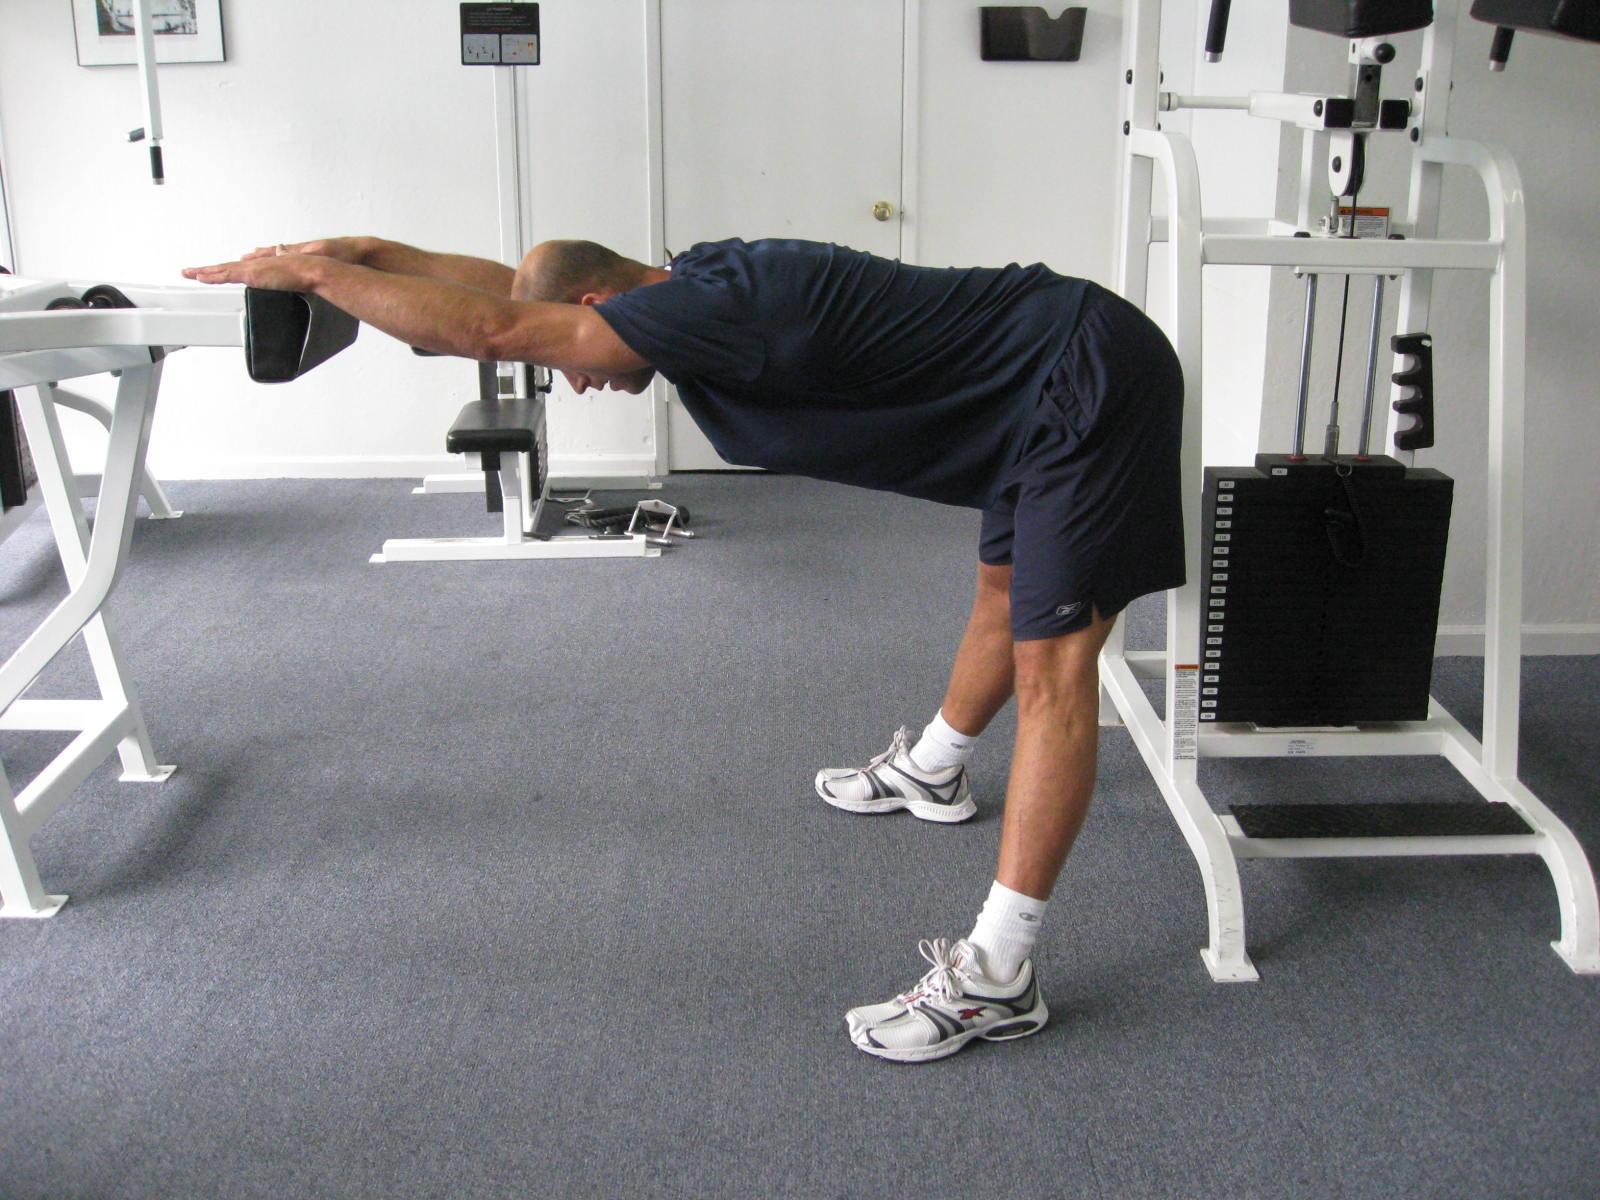 不上健身房,有哪些即使在家完成也能有好效果的健身方式 ?